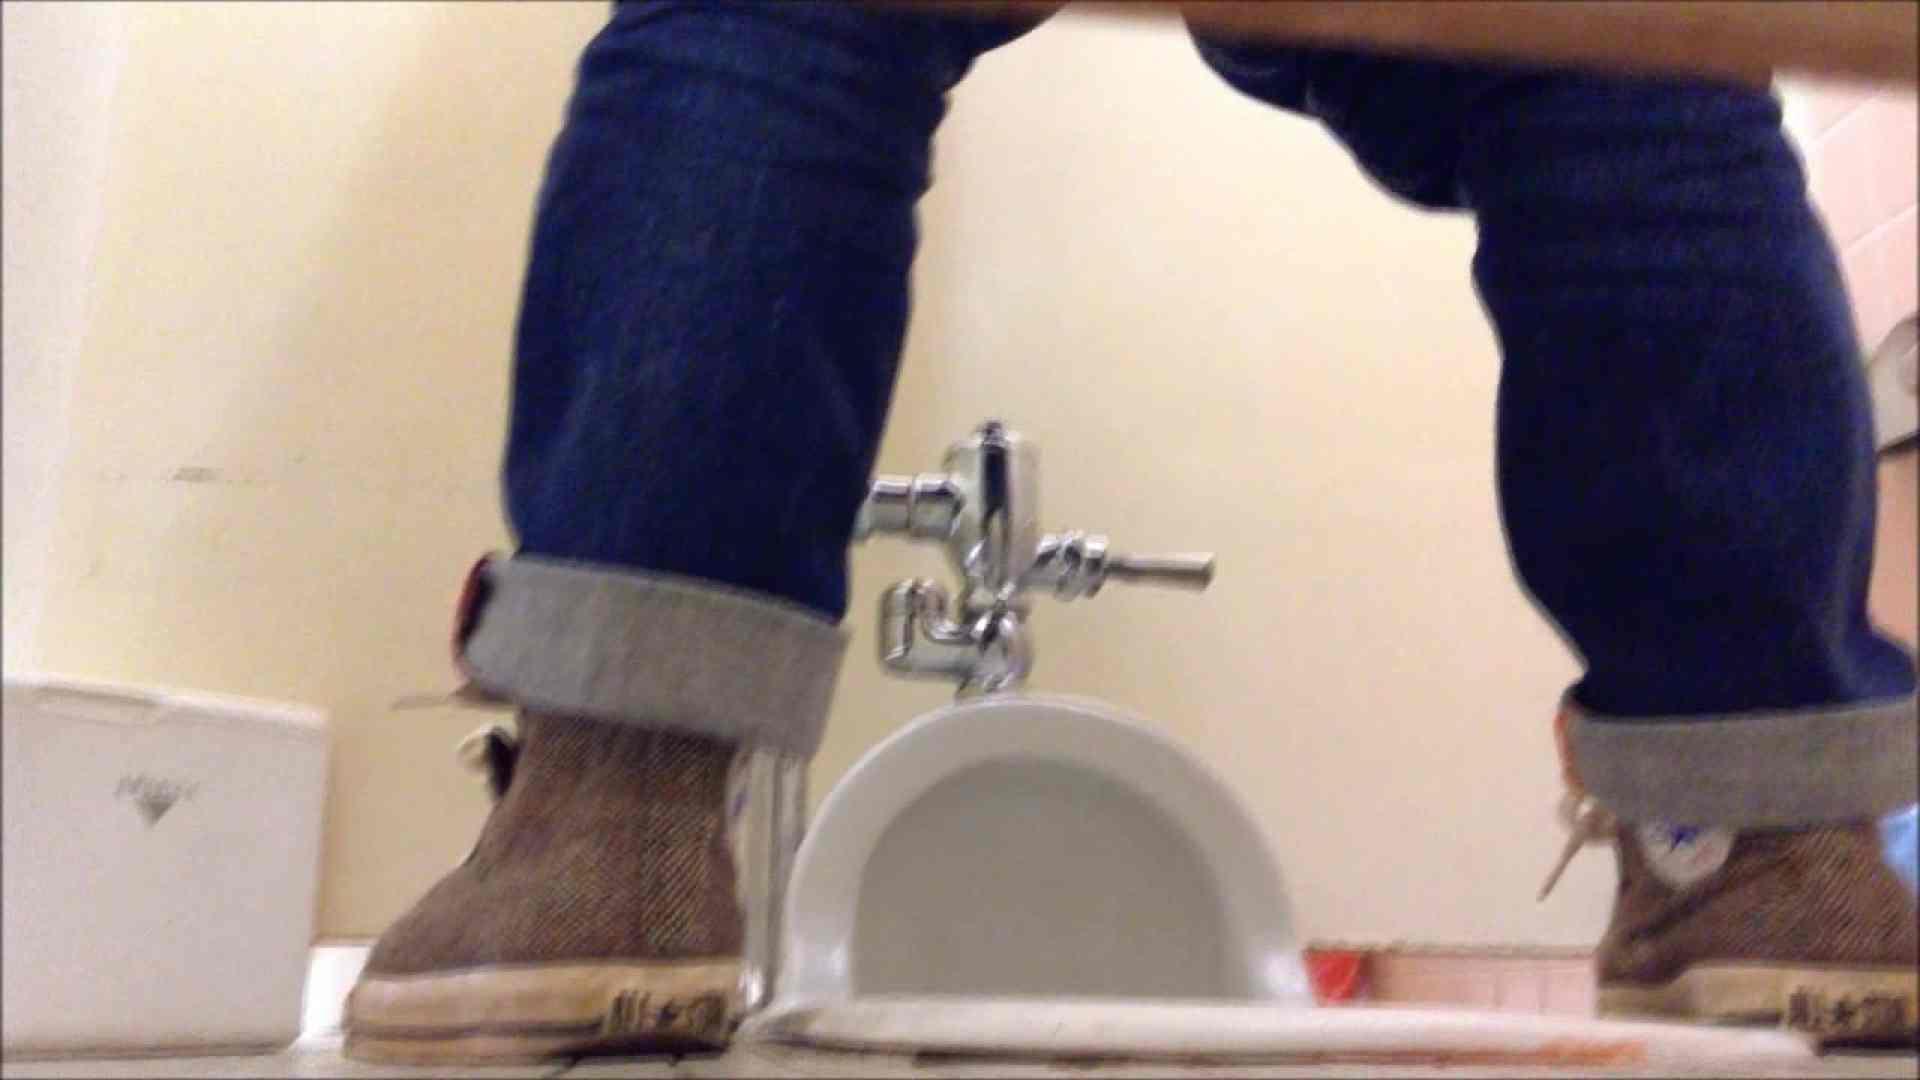 某有名大学女性洗面所 vol.08 洗面所 のぞきエロ無料画像 58pic 50